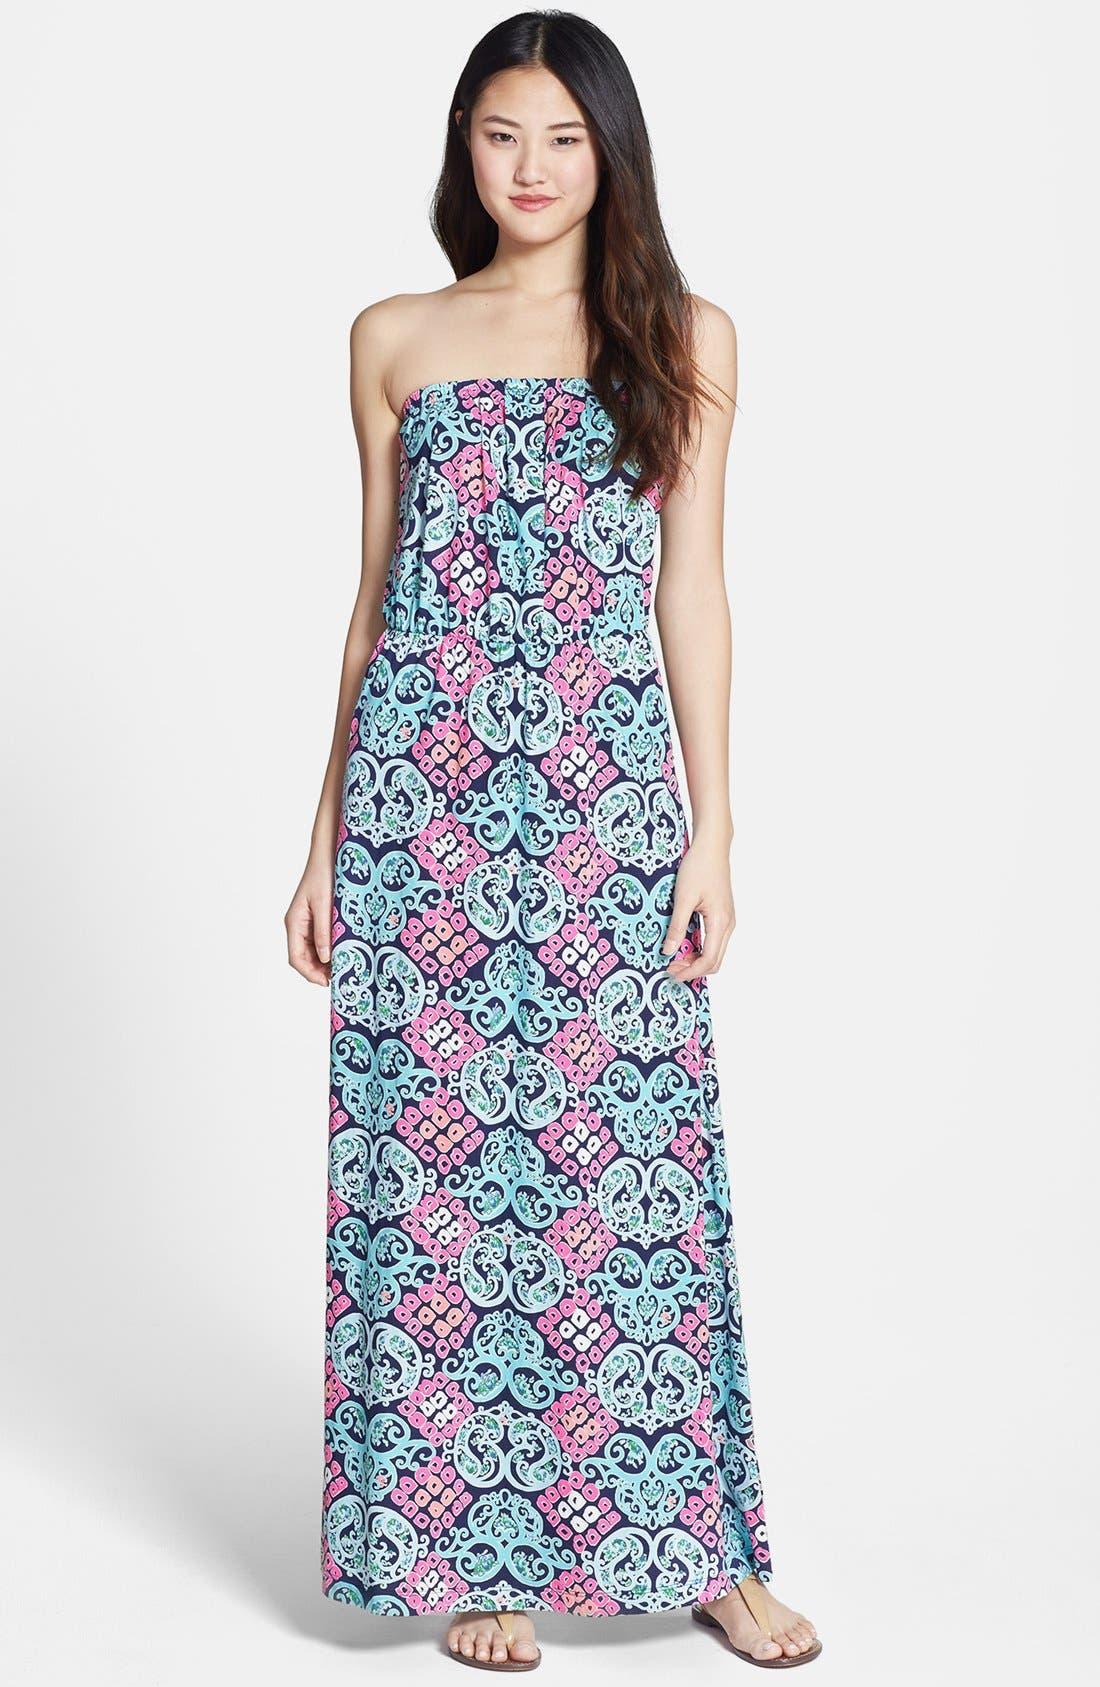 Main Image - Lilly Pulitzer® 'Marlisa' Print Cotton Maxi Dress